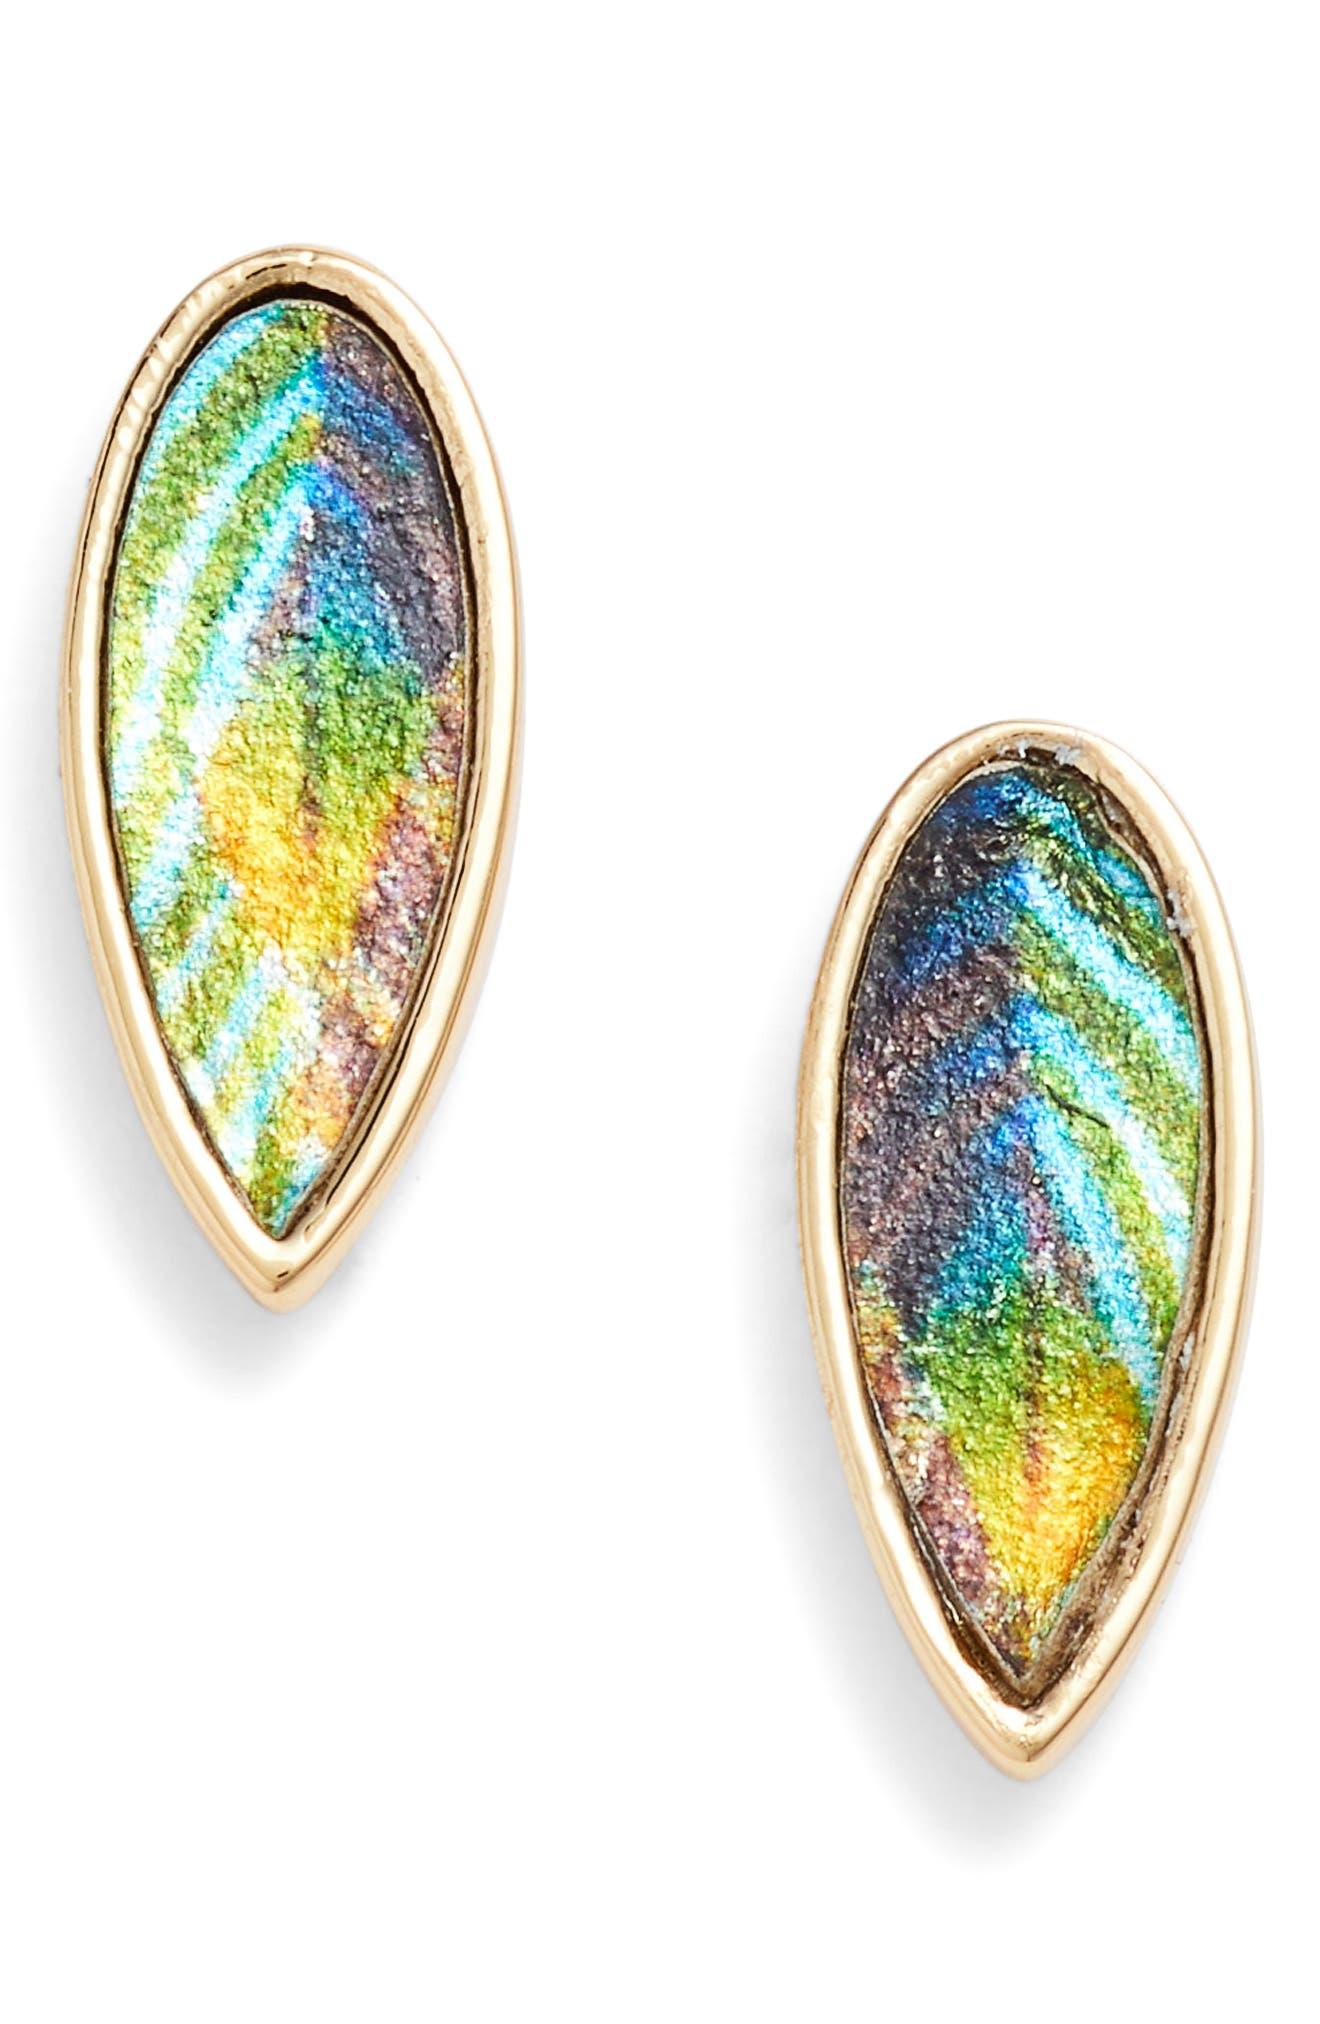 Vince Camuto Metallic Leather Leaf Stud Earrings